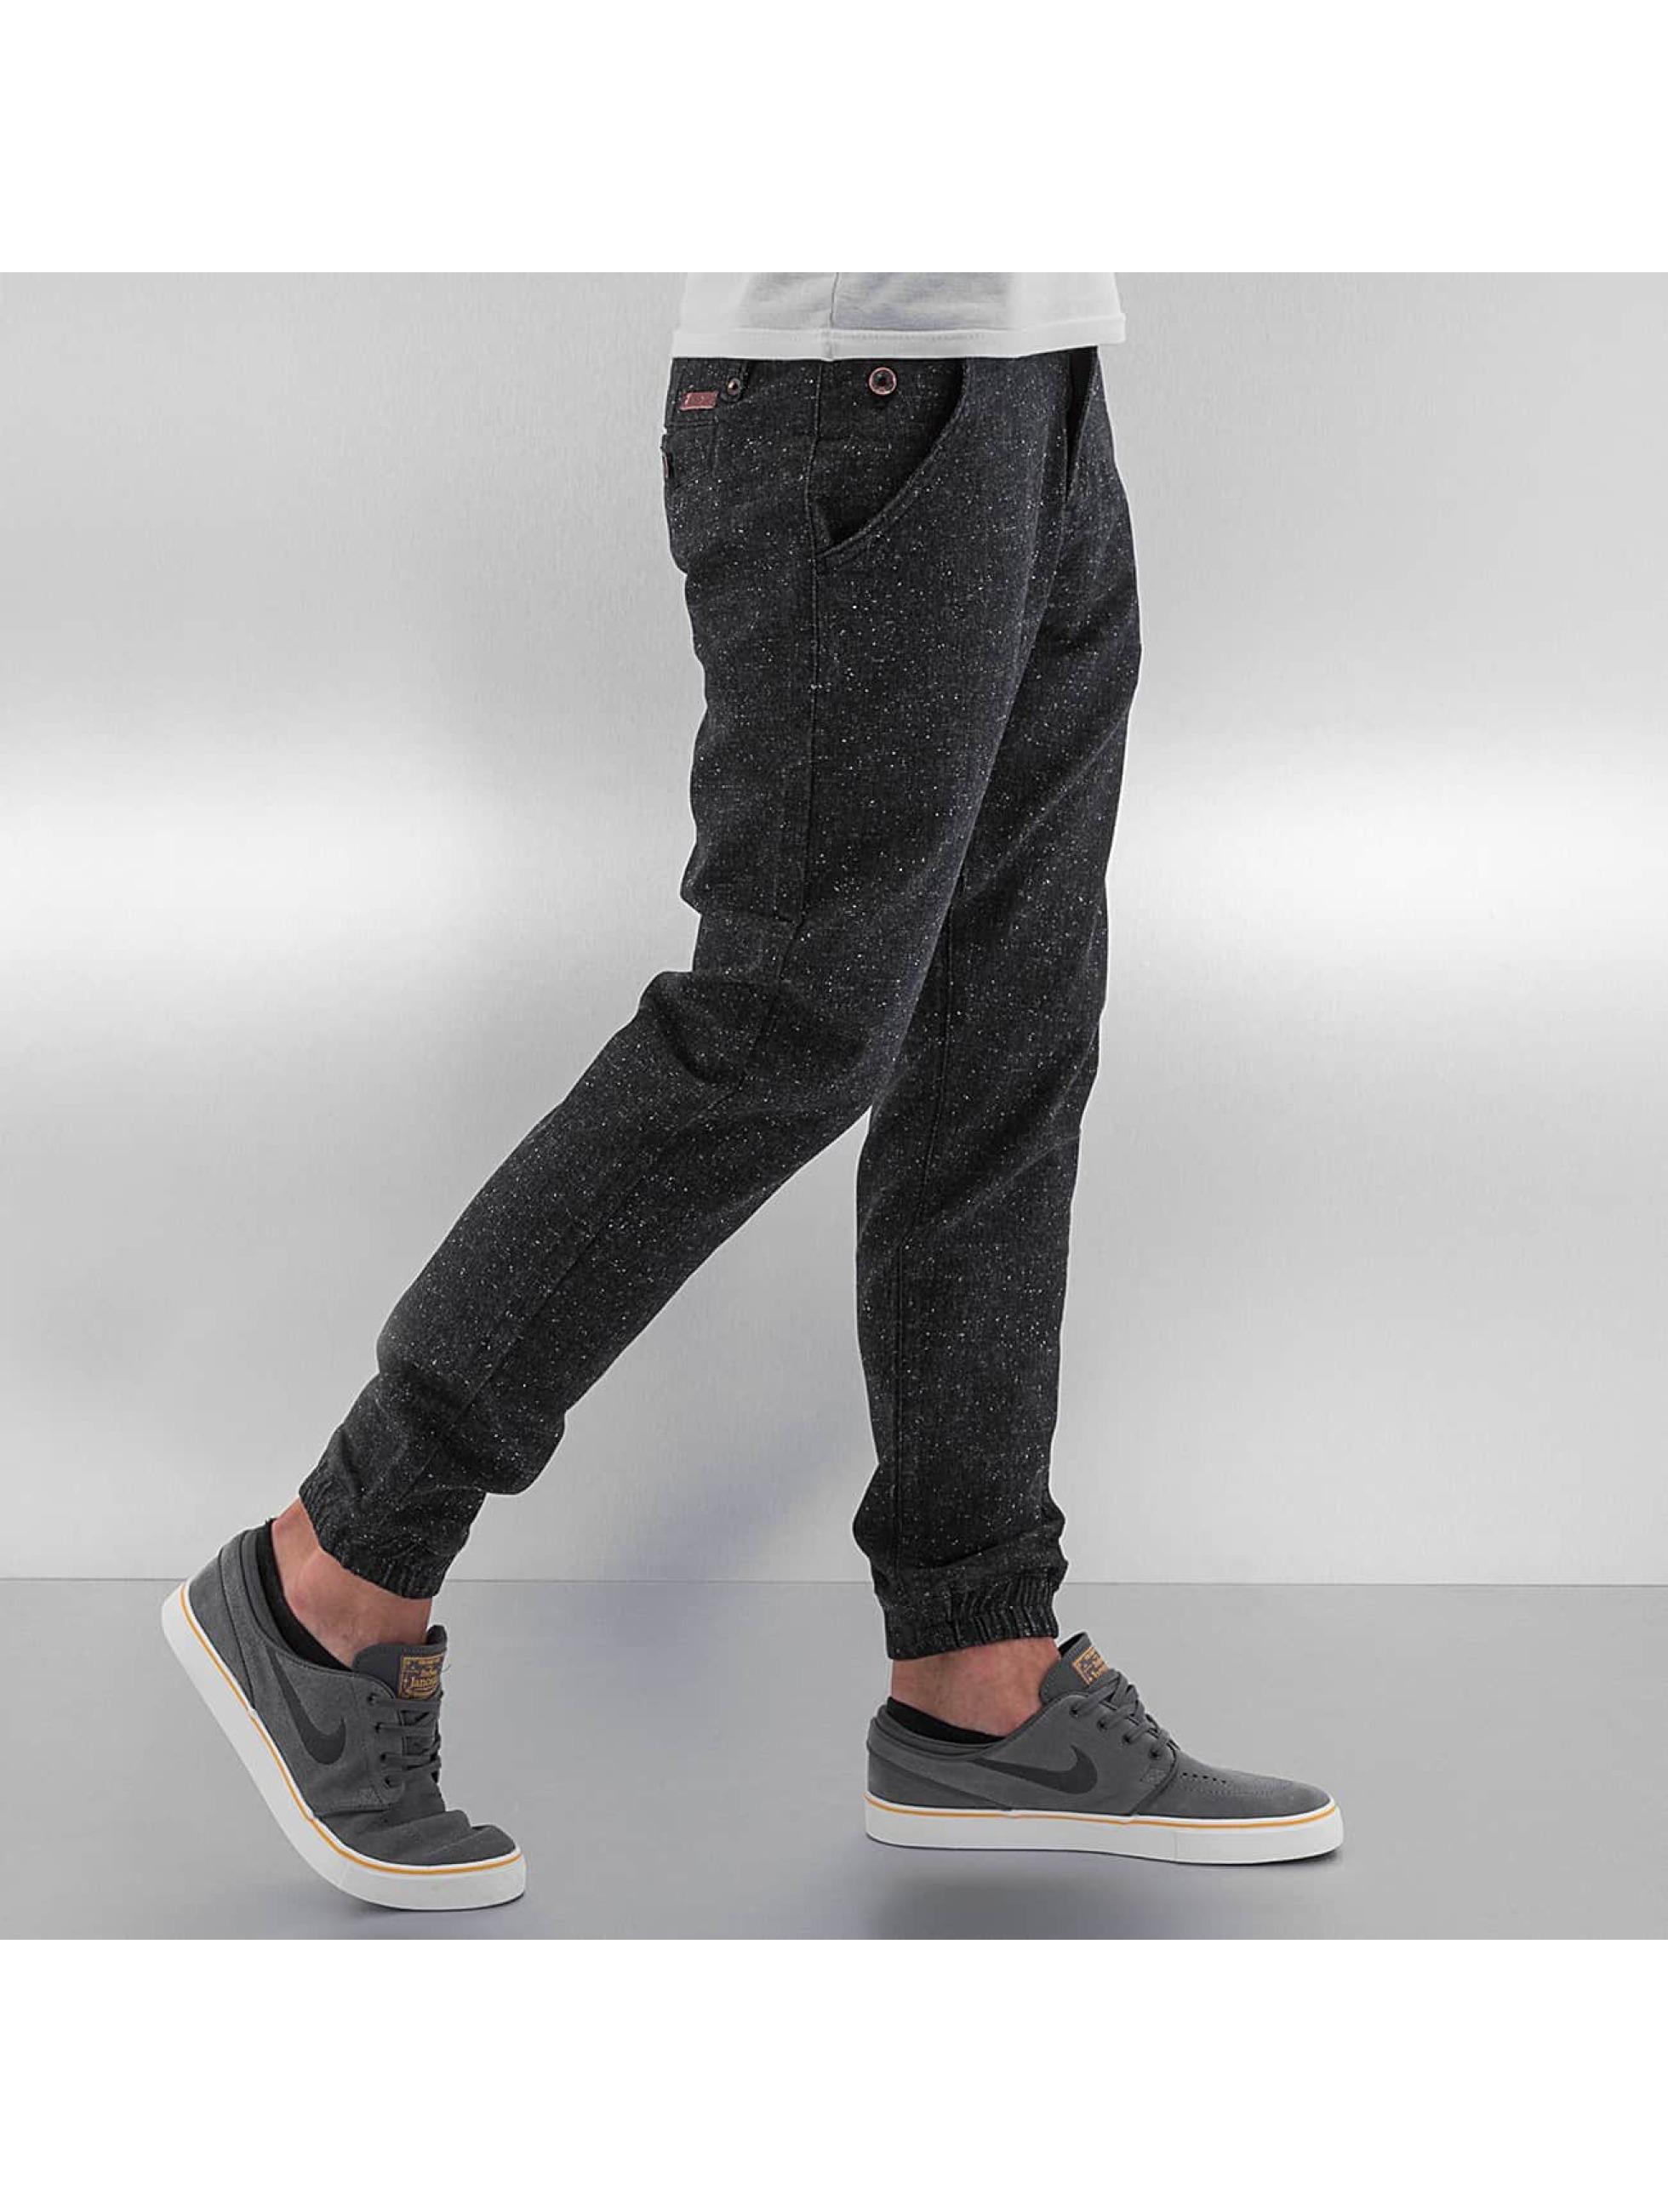 Rocawear Chino Roc zwart